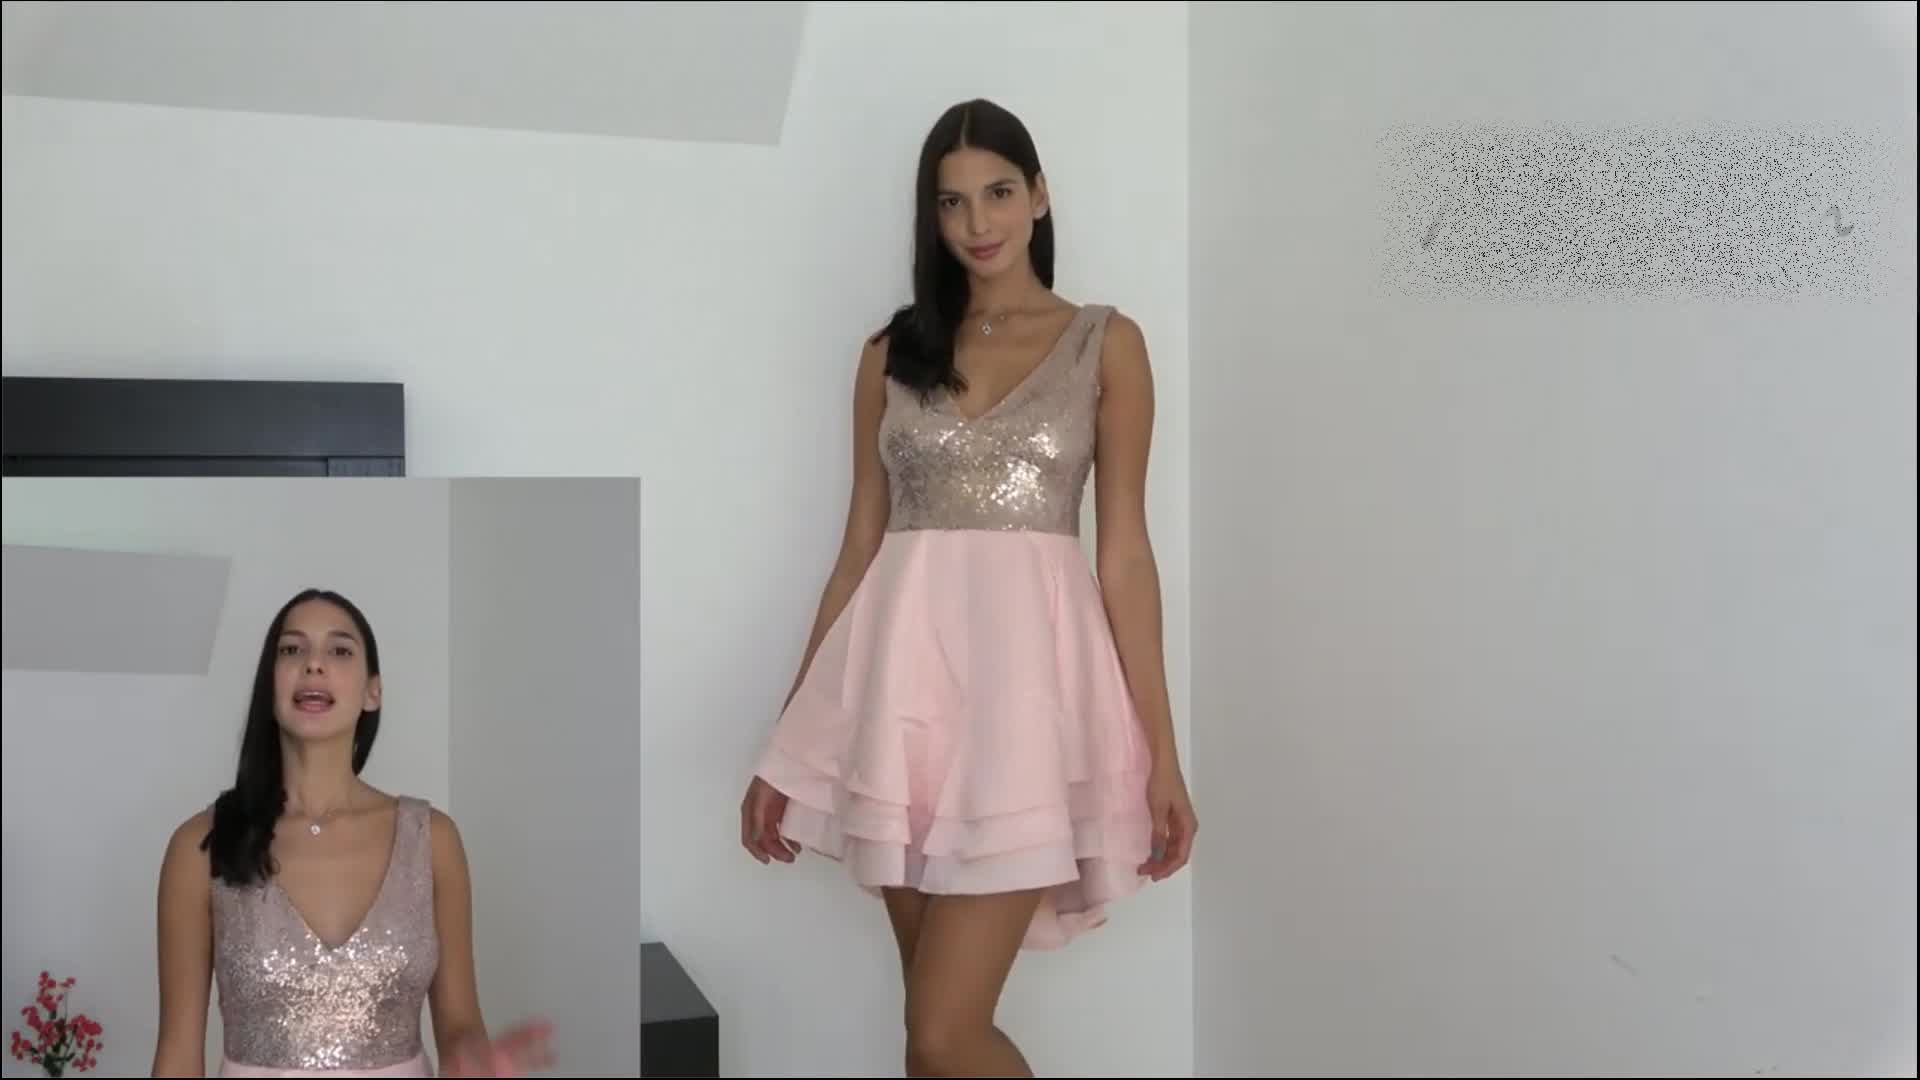 नई शैली महिलाओं सेक्सी स्केटर पोशाक गुलाबी गोल्ड क्लब पार्टी सेक्विन पोशाक